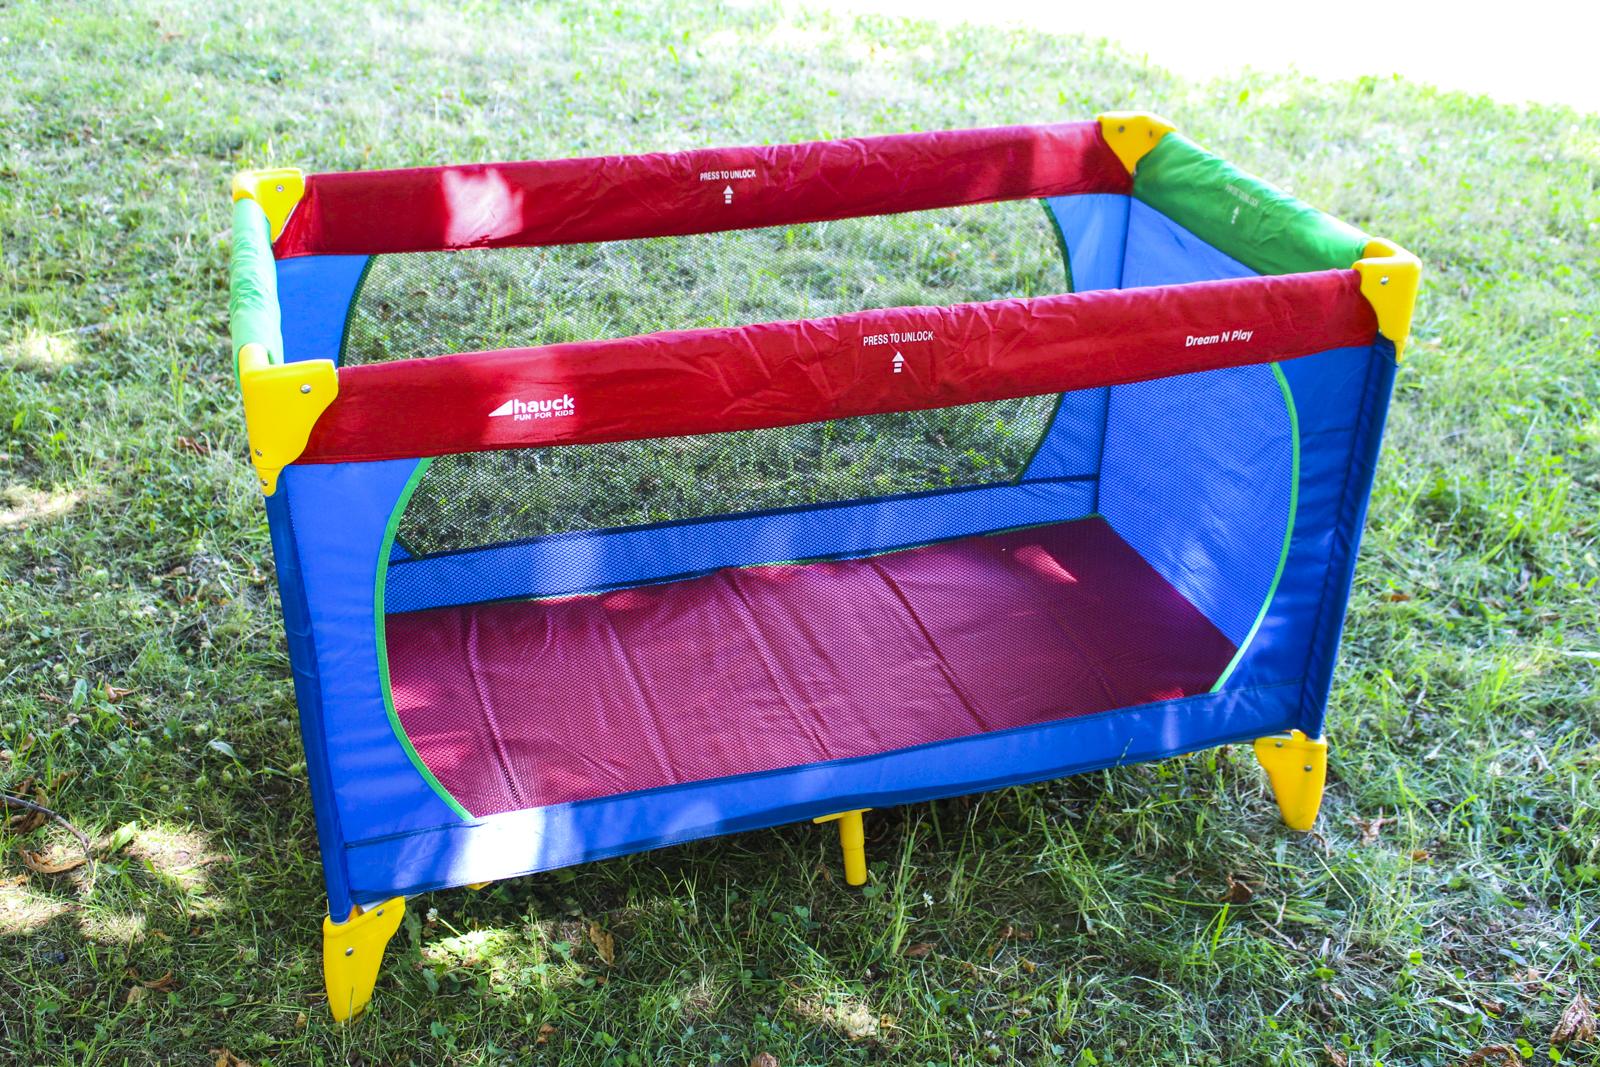 hauck dream n play kinder reisebett mit extra matratze baby laufstall bett ebay. Black Bedroom Furniture Sets. Home Design Ideas